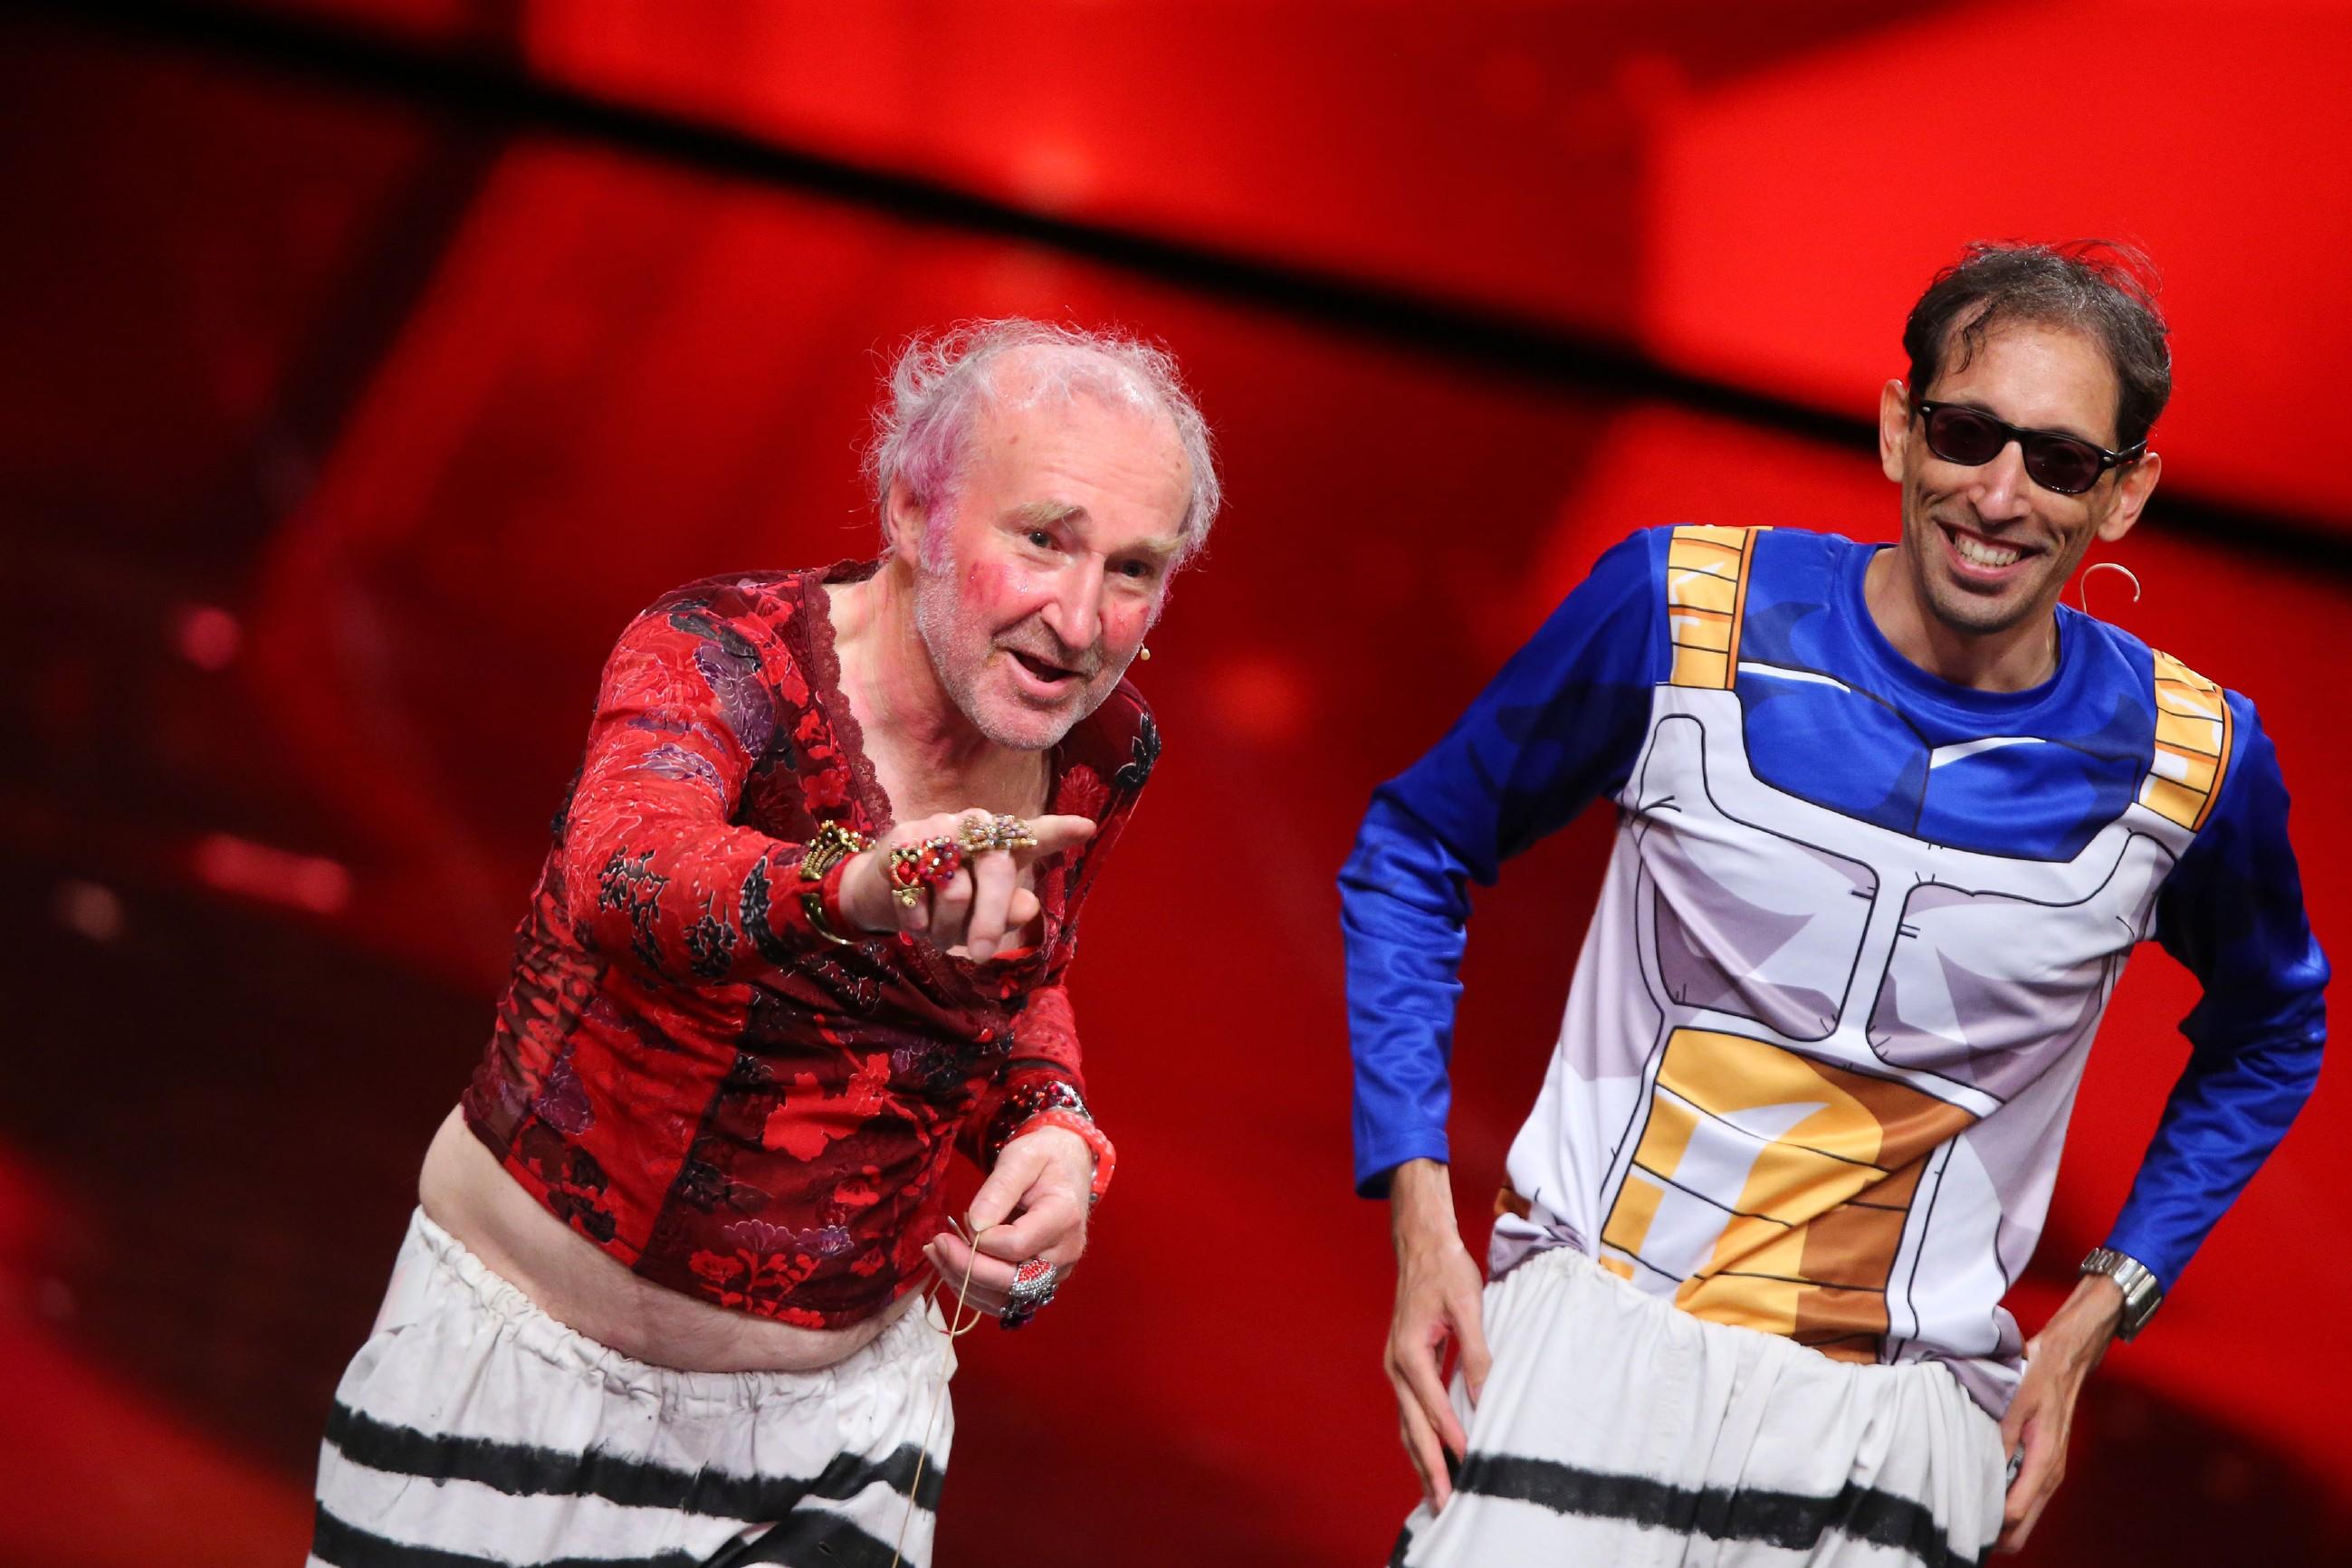 Das Supertalent 2016 Casting 2 - Ernst Guminski und Renaldo Speller